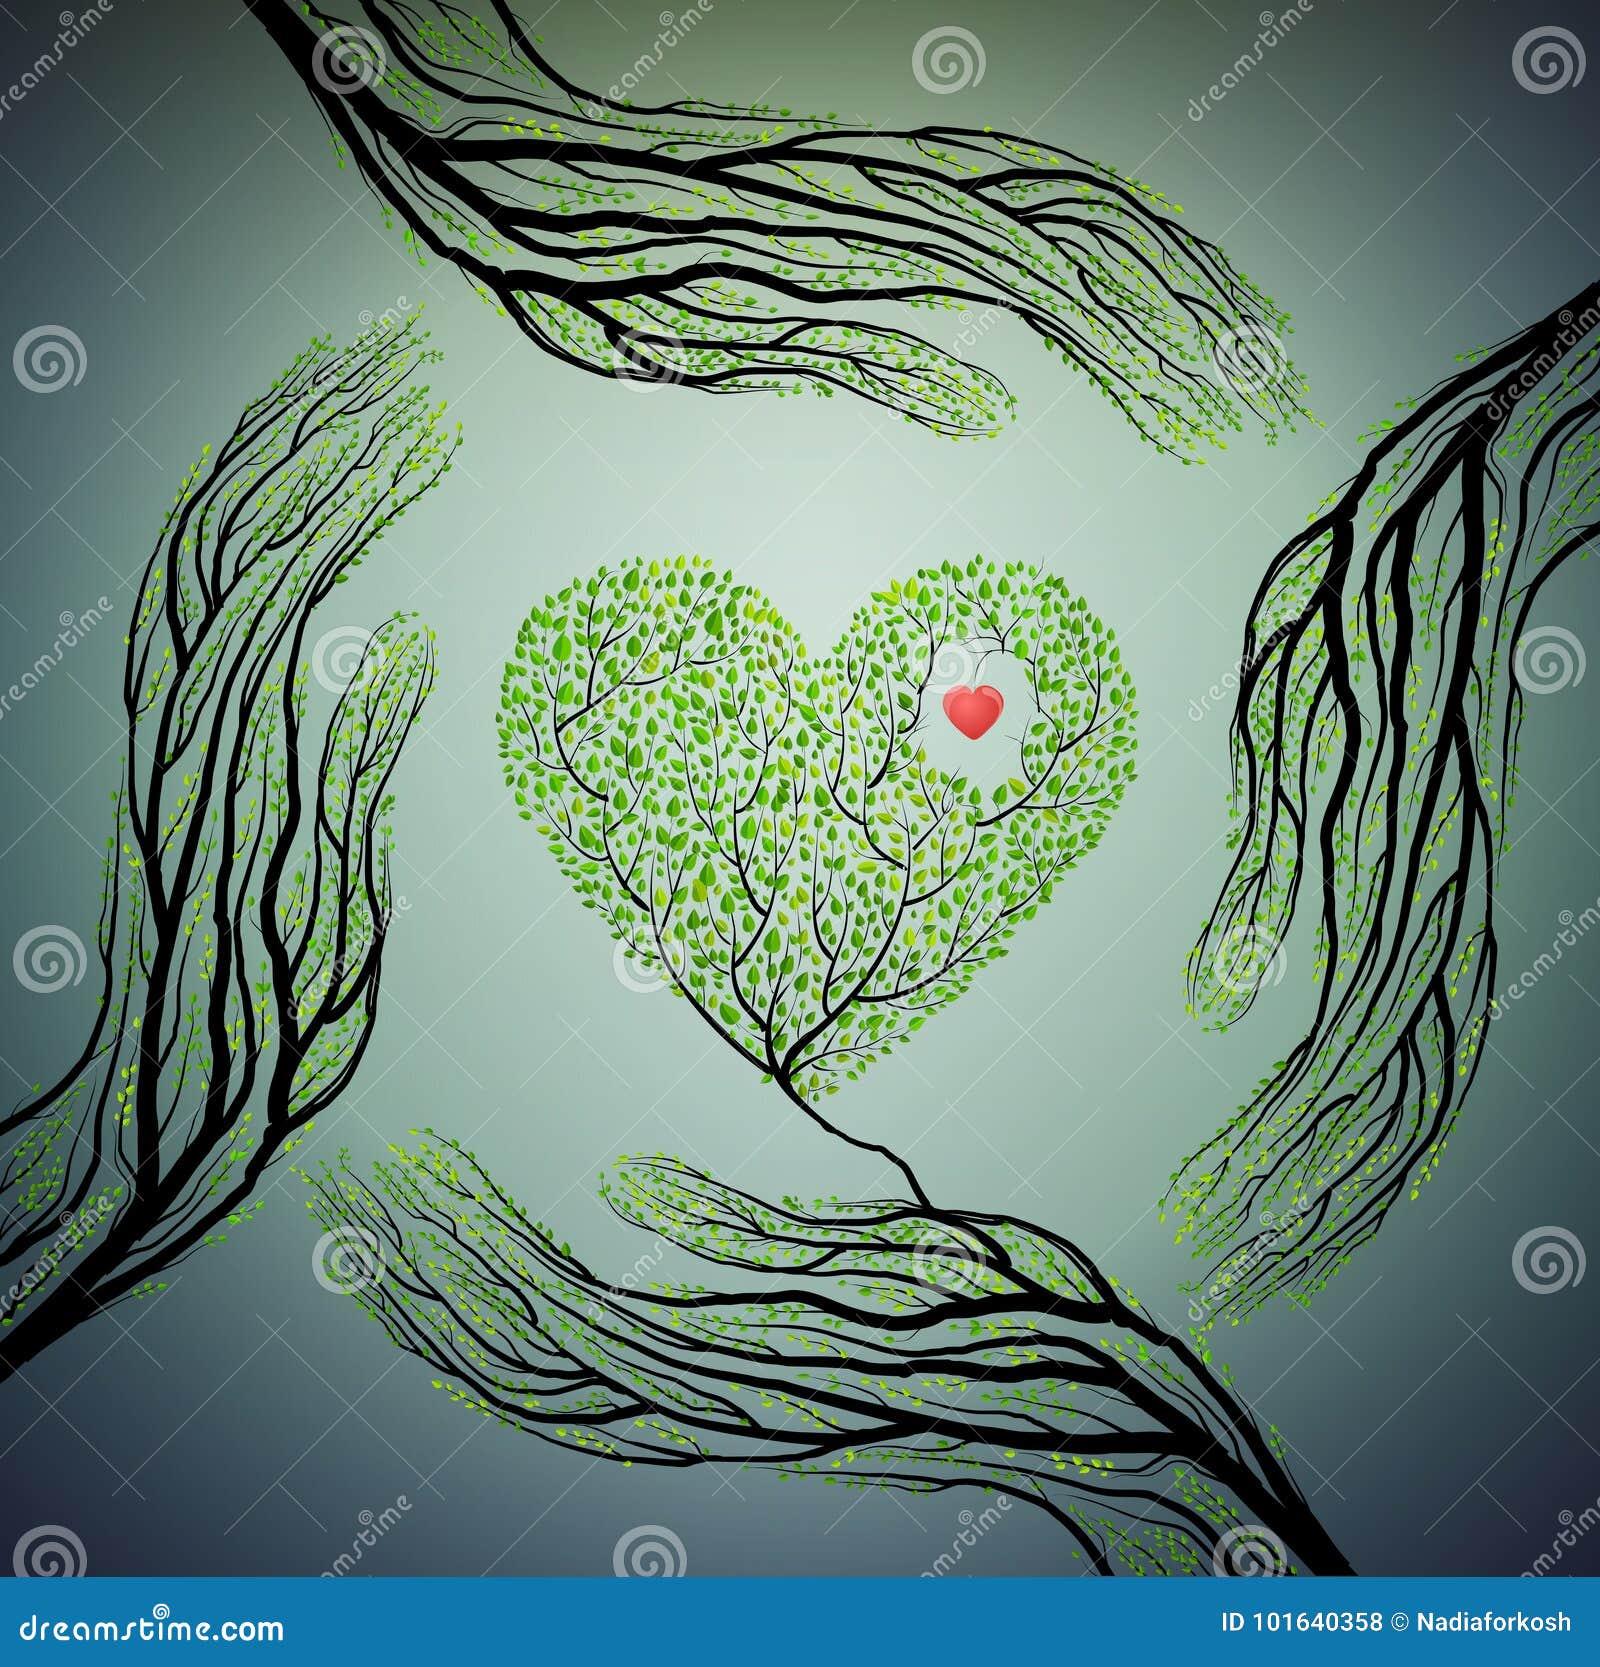 Menschliche Hände sehen wie Baumaste aus und halten Baumherz, lieben Naturkonzept, schützen Baumidee,